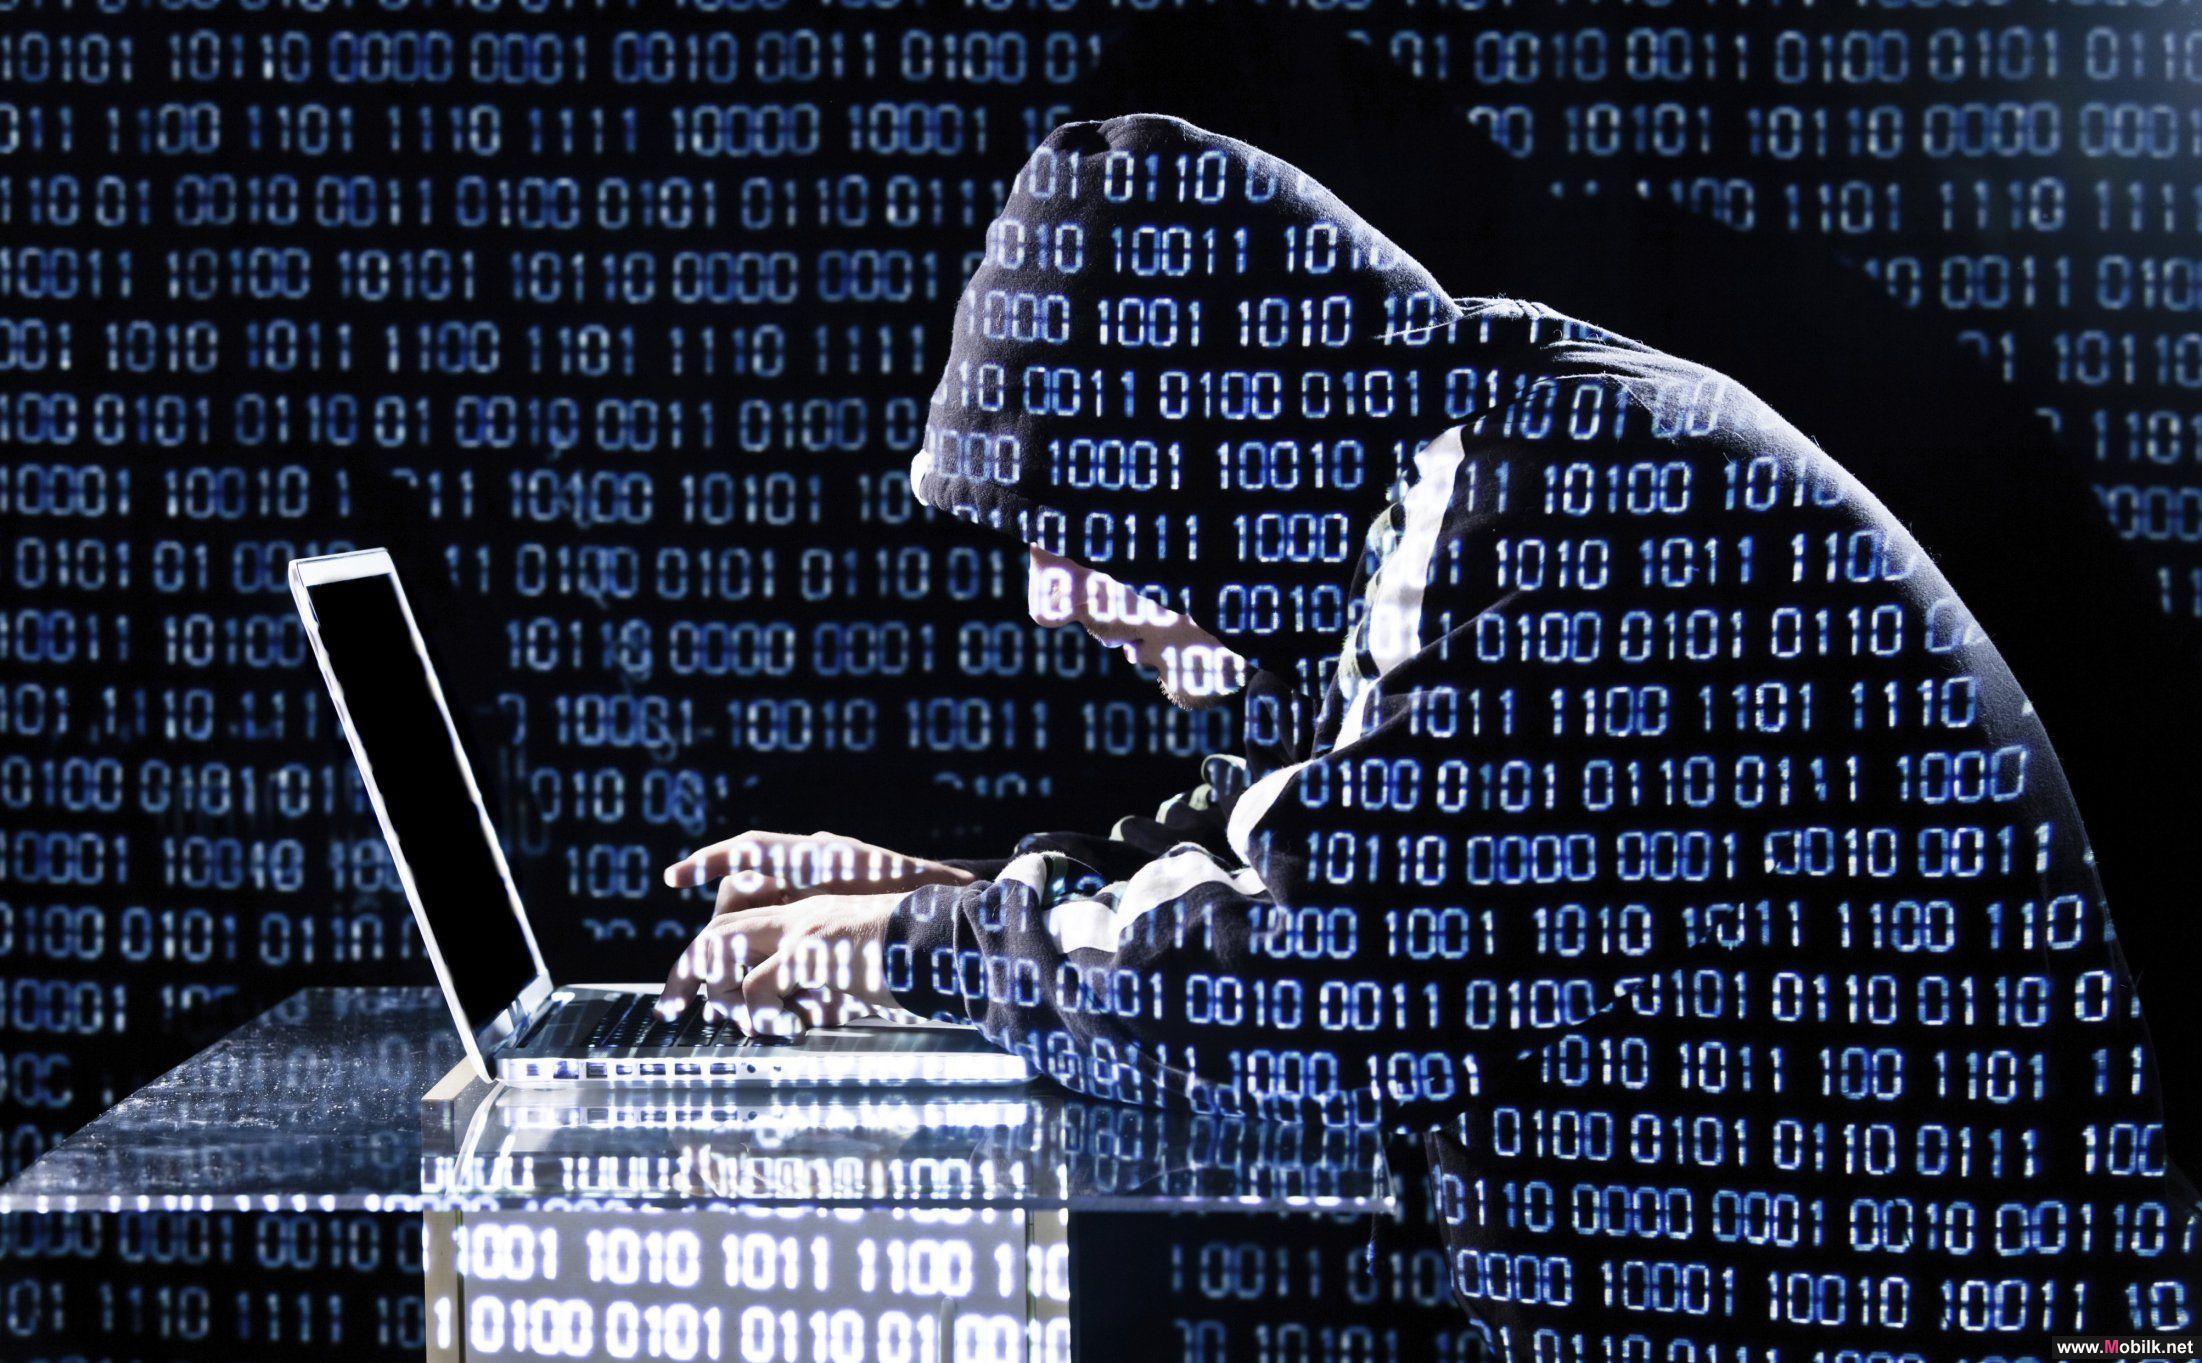 انتشار عمليات تعدين العملات الرقمية غير المصرح بها عبر المتصفحات على نطاق واسع